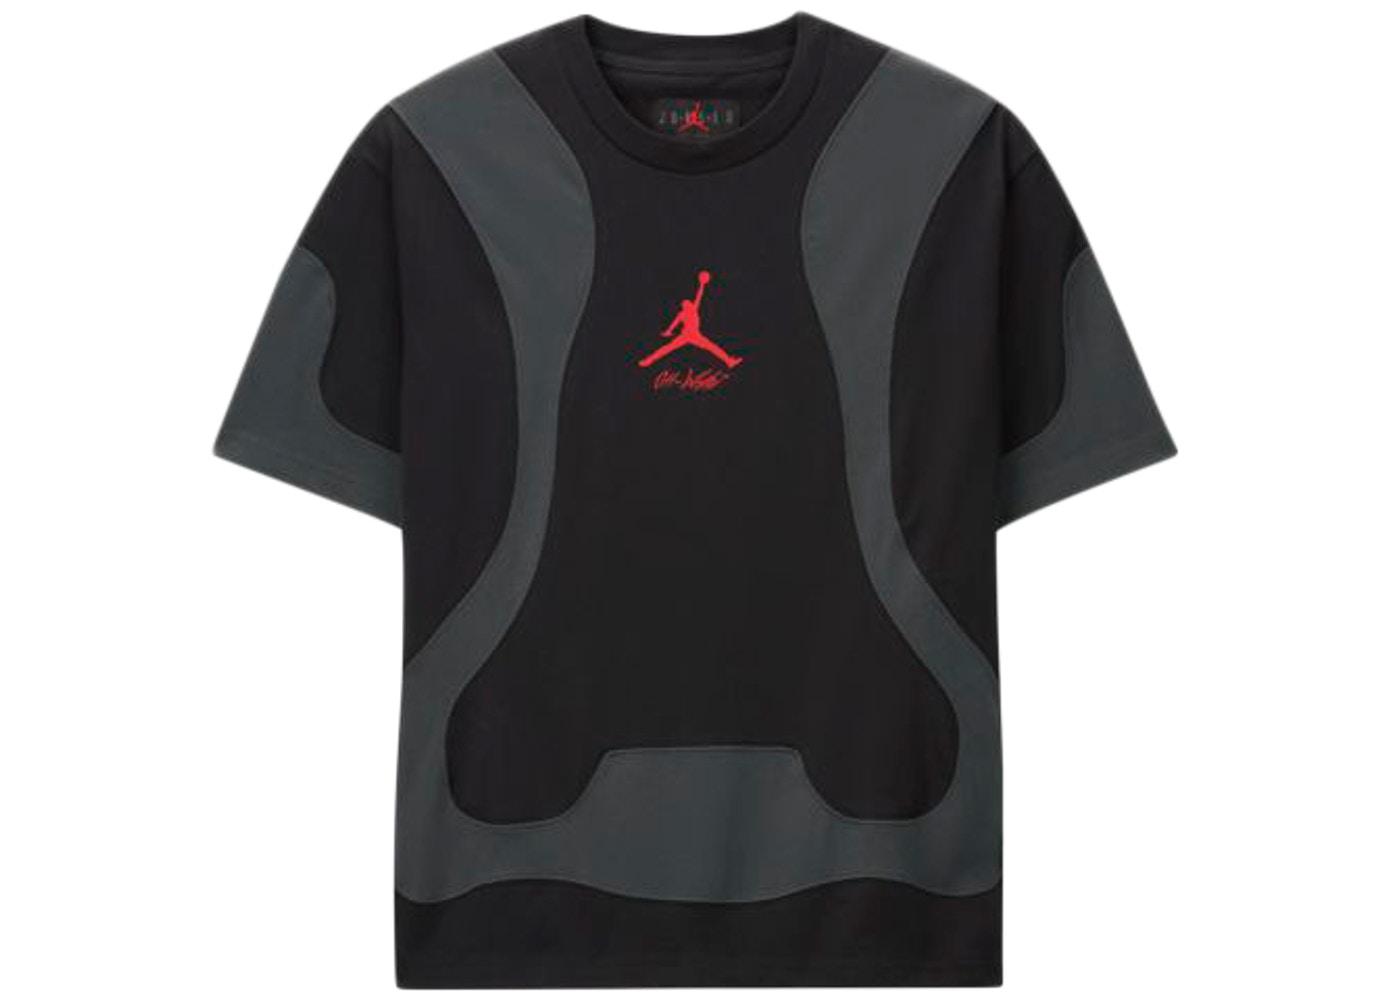 Buy a Jordan T Shirt